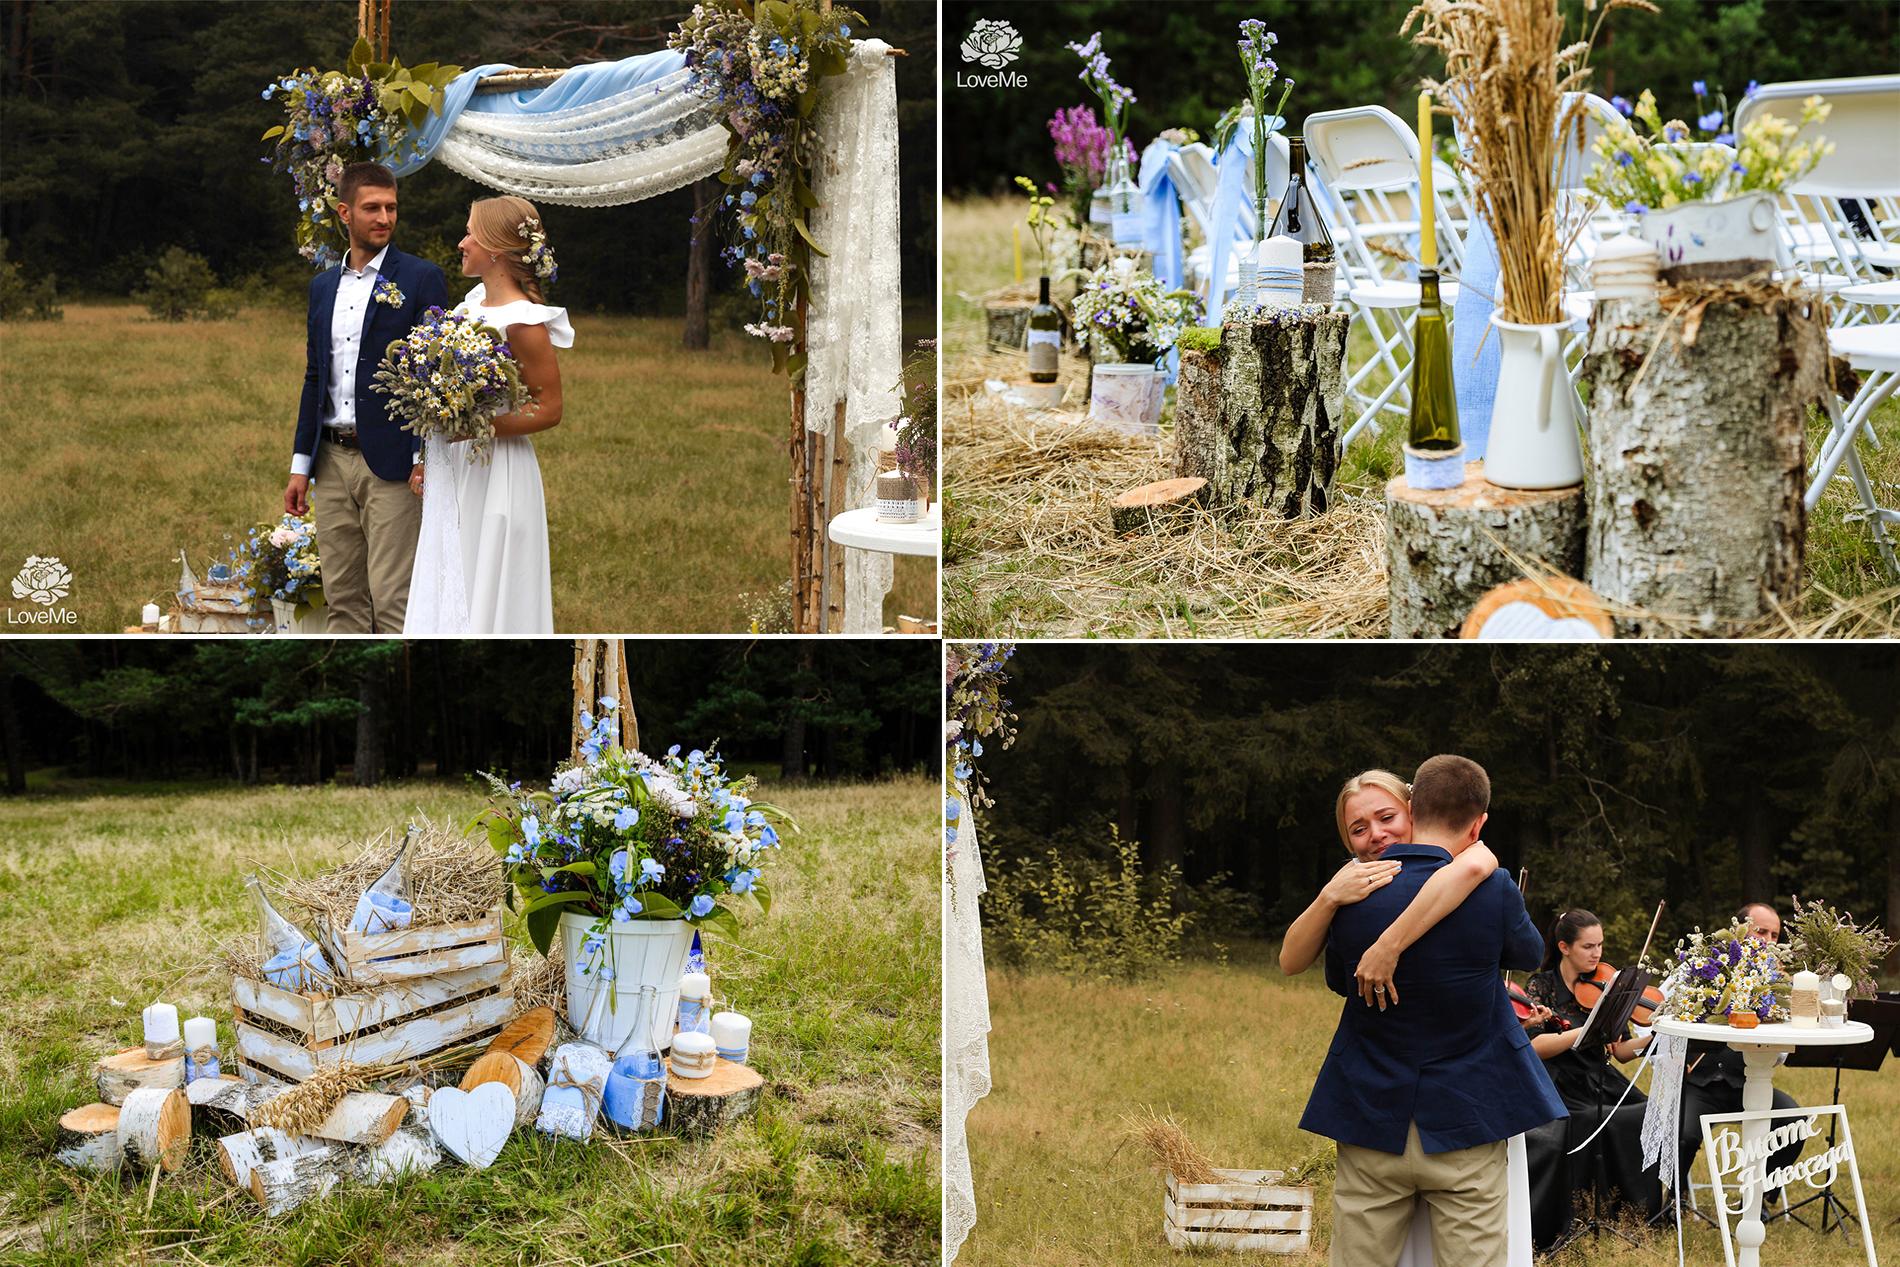 Выездная регистрация церемония в Могилеве свадебное агентство ЛавМи организация свадьбы экосвадьба украшение декор банкета свадьбы свадьба в поле на поляне в лесу